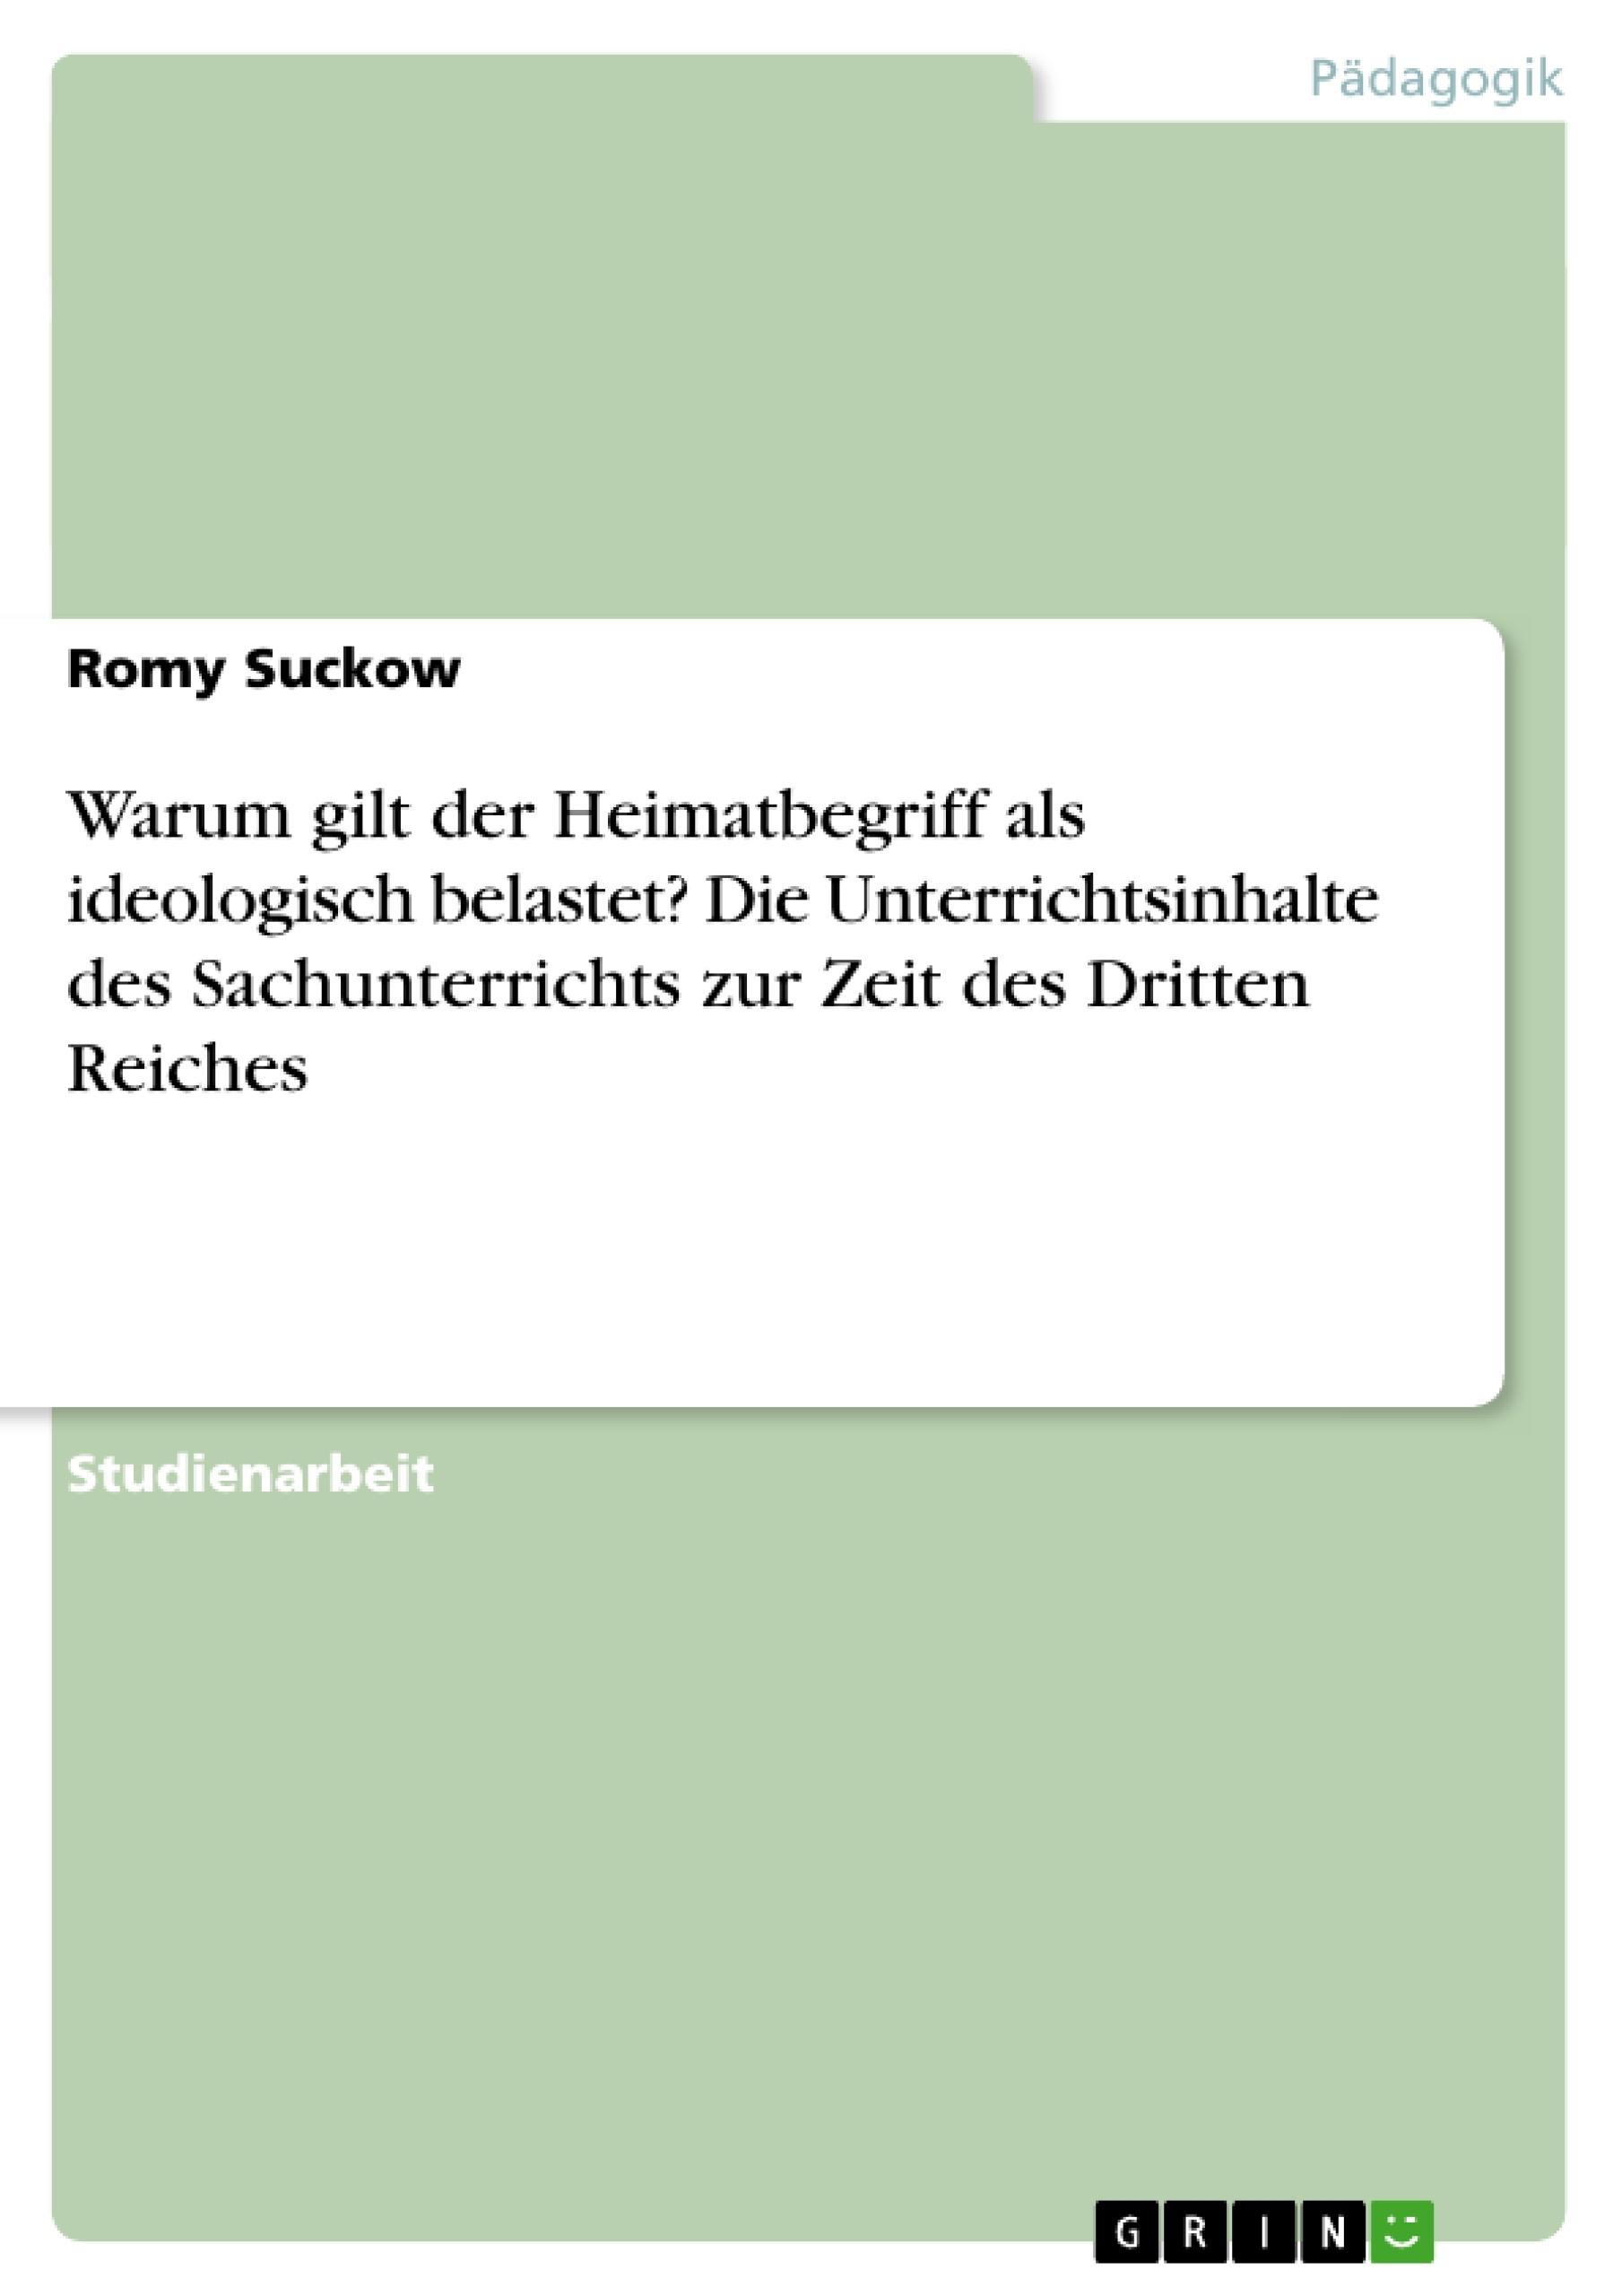 Titel: Warum gilt der Heimatbegriff als ideologisch belastet? Die Unterrichtsinhalte des Sachunterrichts zur Zeit des Dritten Reiches